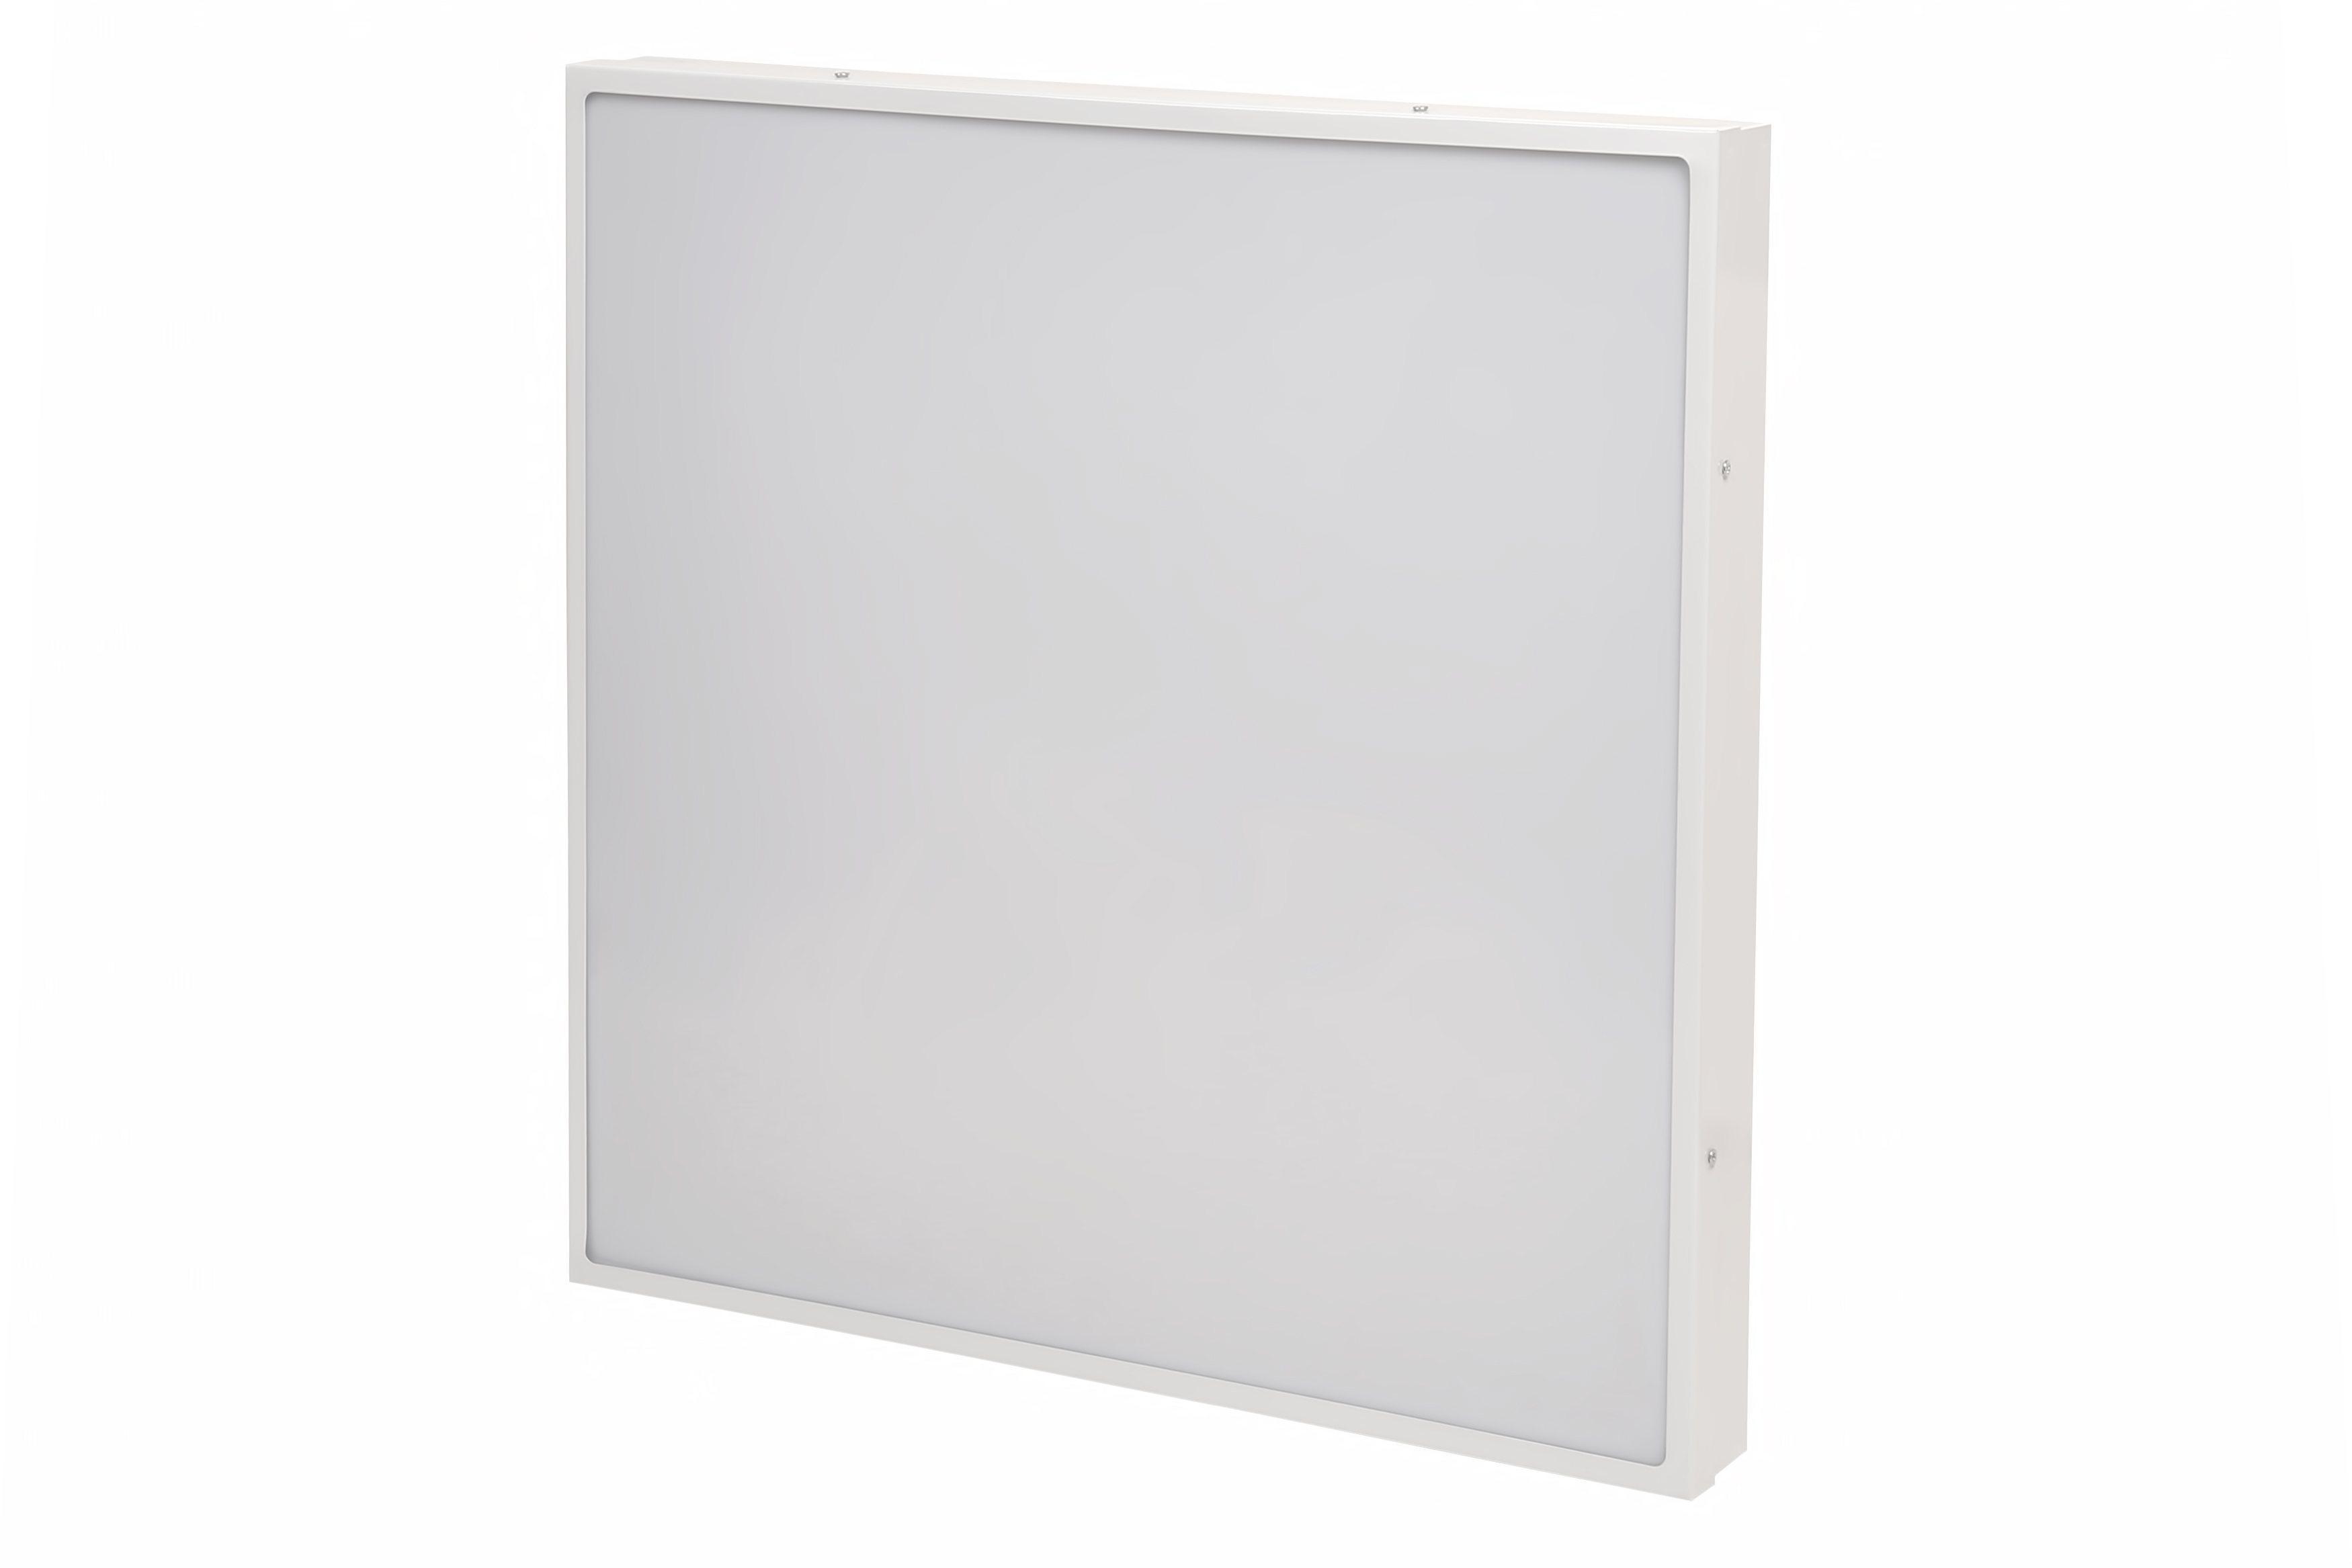 Универсальный светодиодный светильник Ledcraft LC-USZS-60W 595x595x58 60W Холодный белый